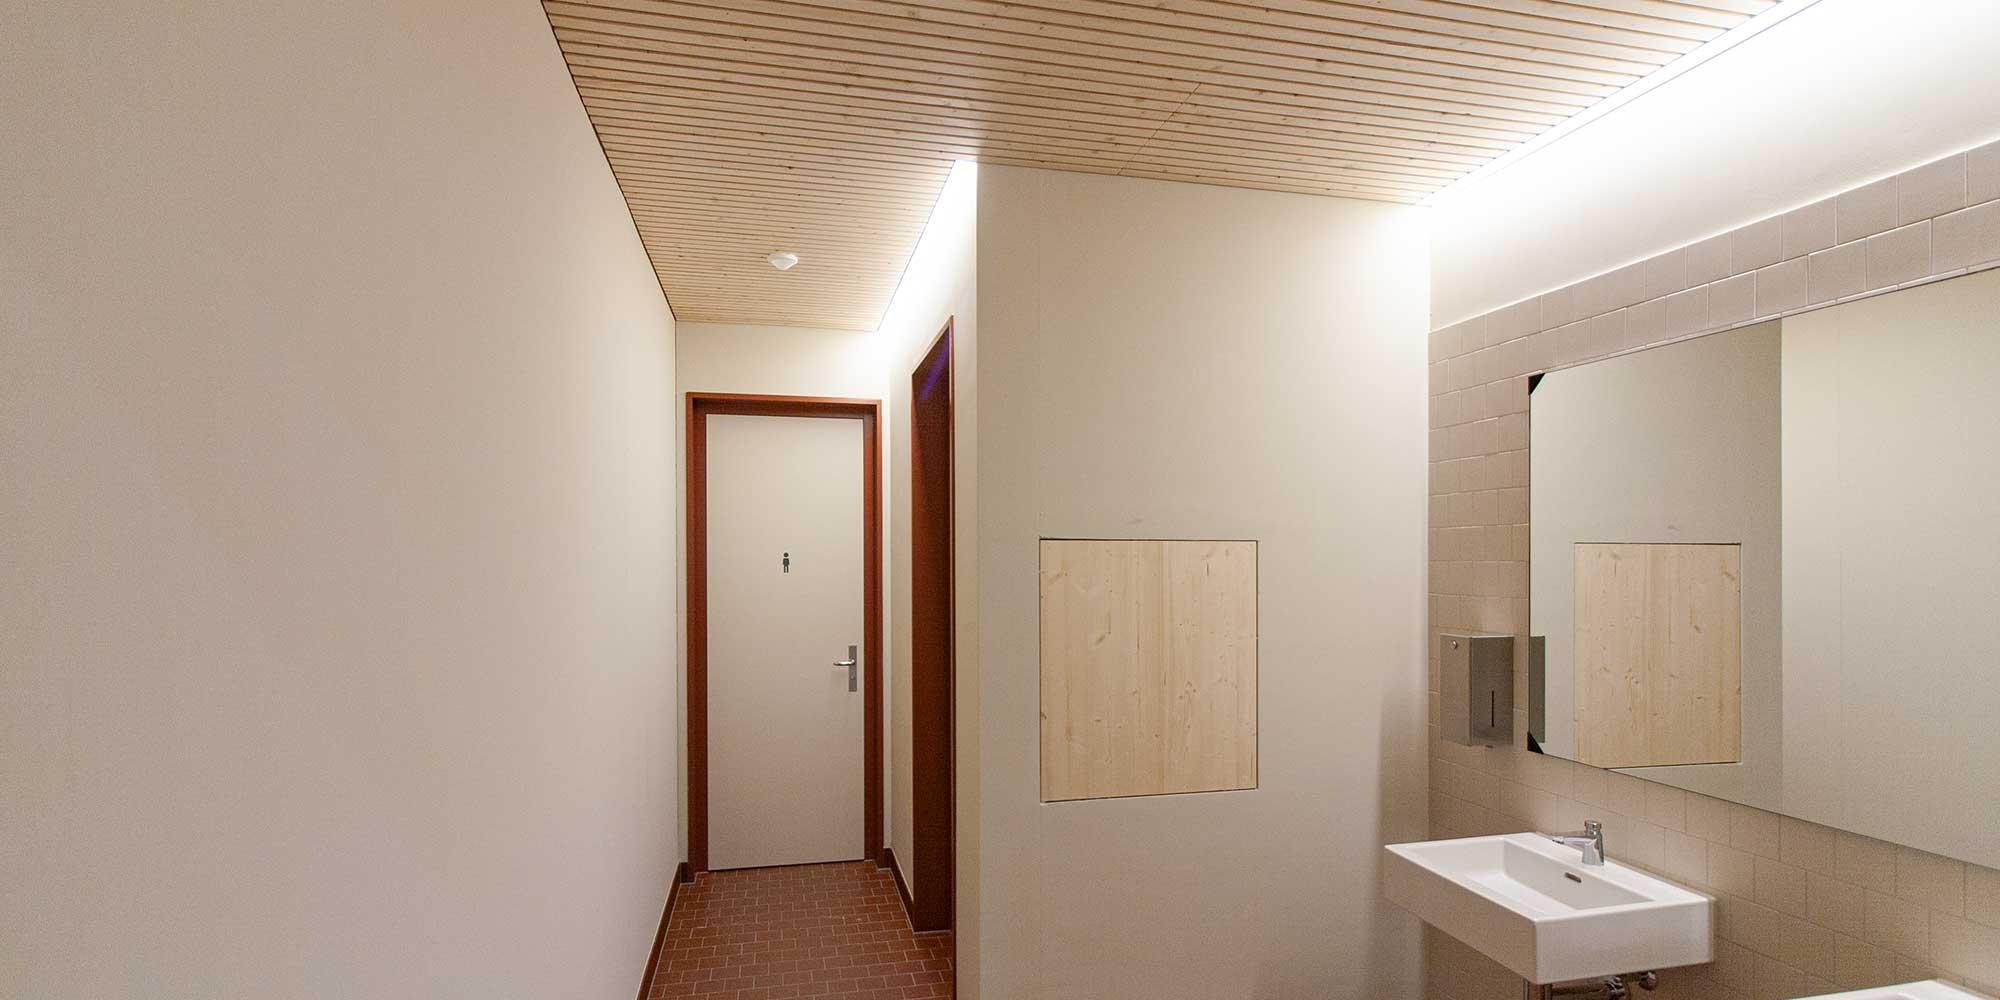 Turnhallenbeleuchtung, Lichtkanal, Hallenbeleuchtung, Balkenleuchten, Lichteinsätze, Lichtlinien, Garderobenbeleuchtung, Feuchtraumbeleuchtung, Feuchtraumleuchte, Matric Anbauleuchte von Lightnet passt perfekt in das architektonsiche Bild